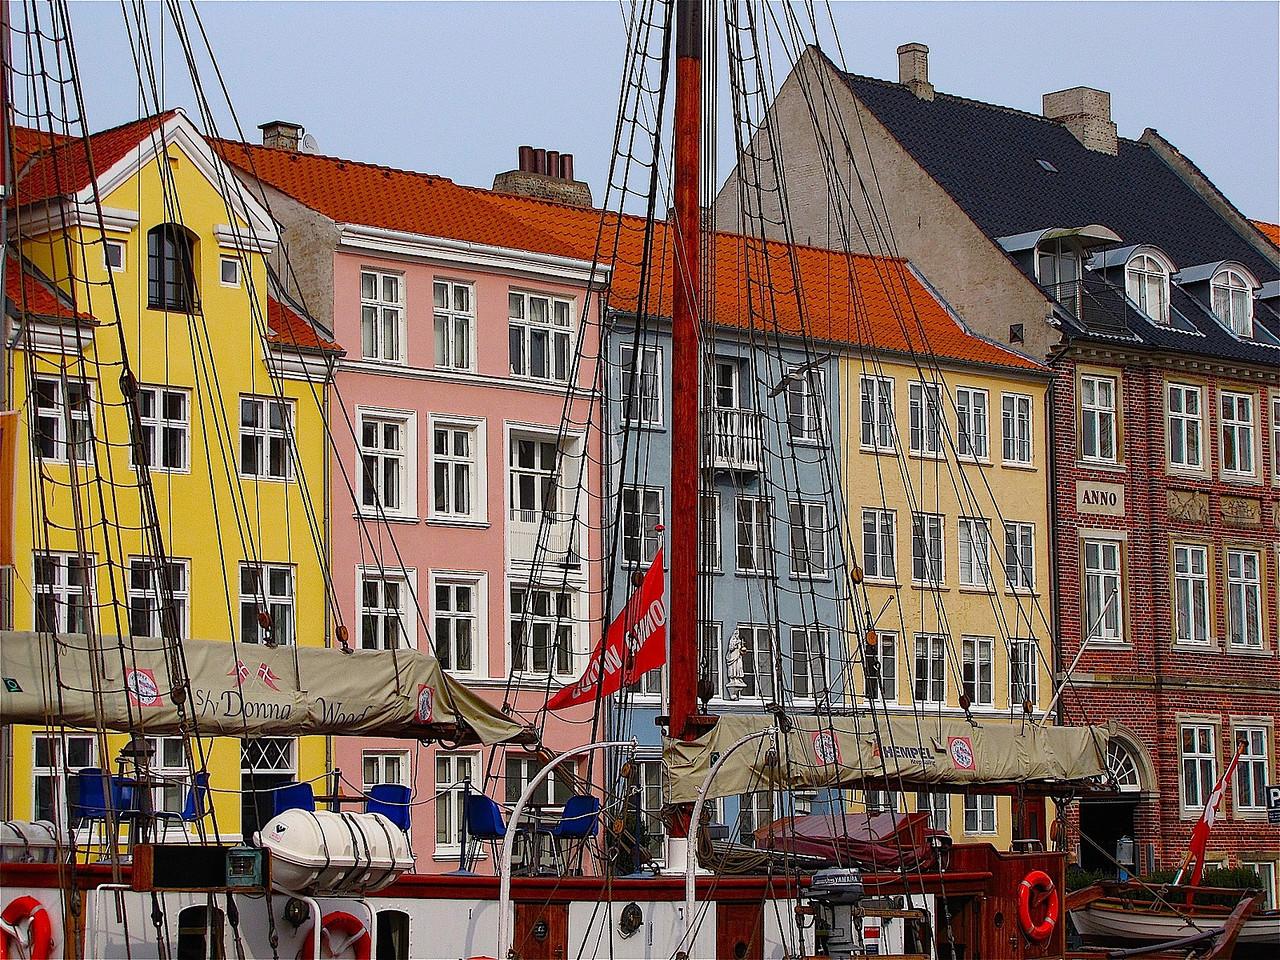 in the Nyhavn area of Copenhagen